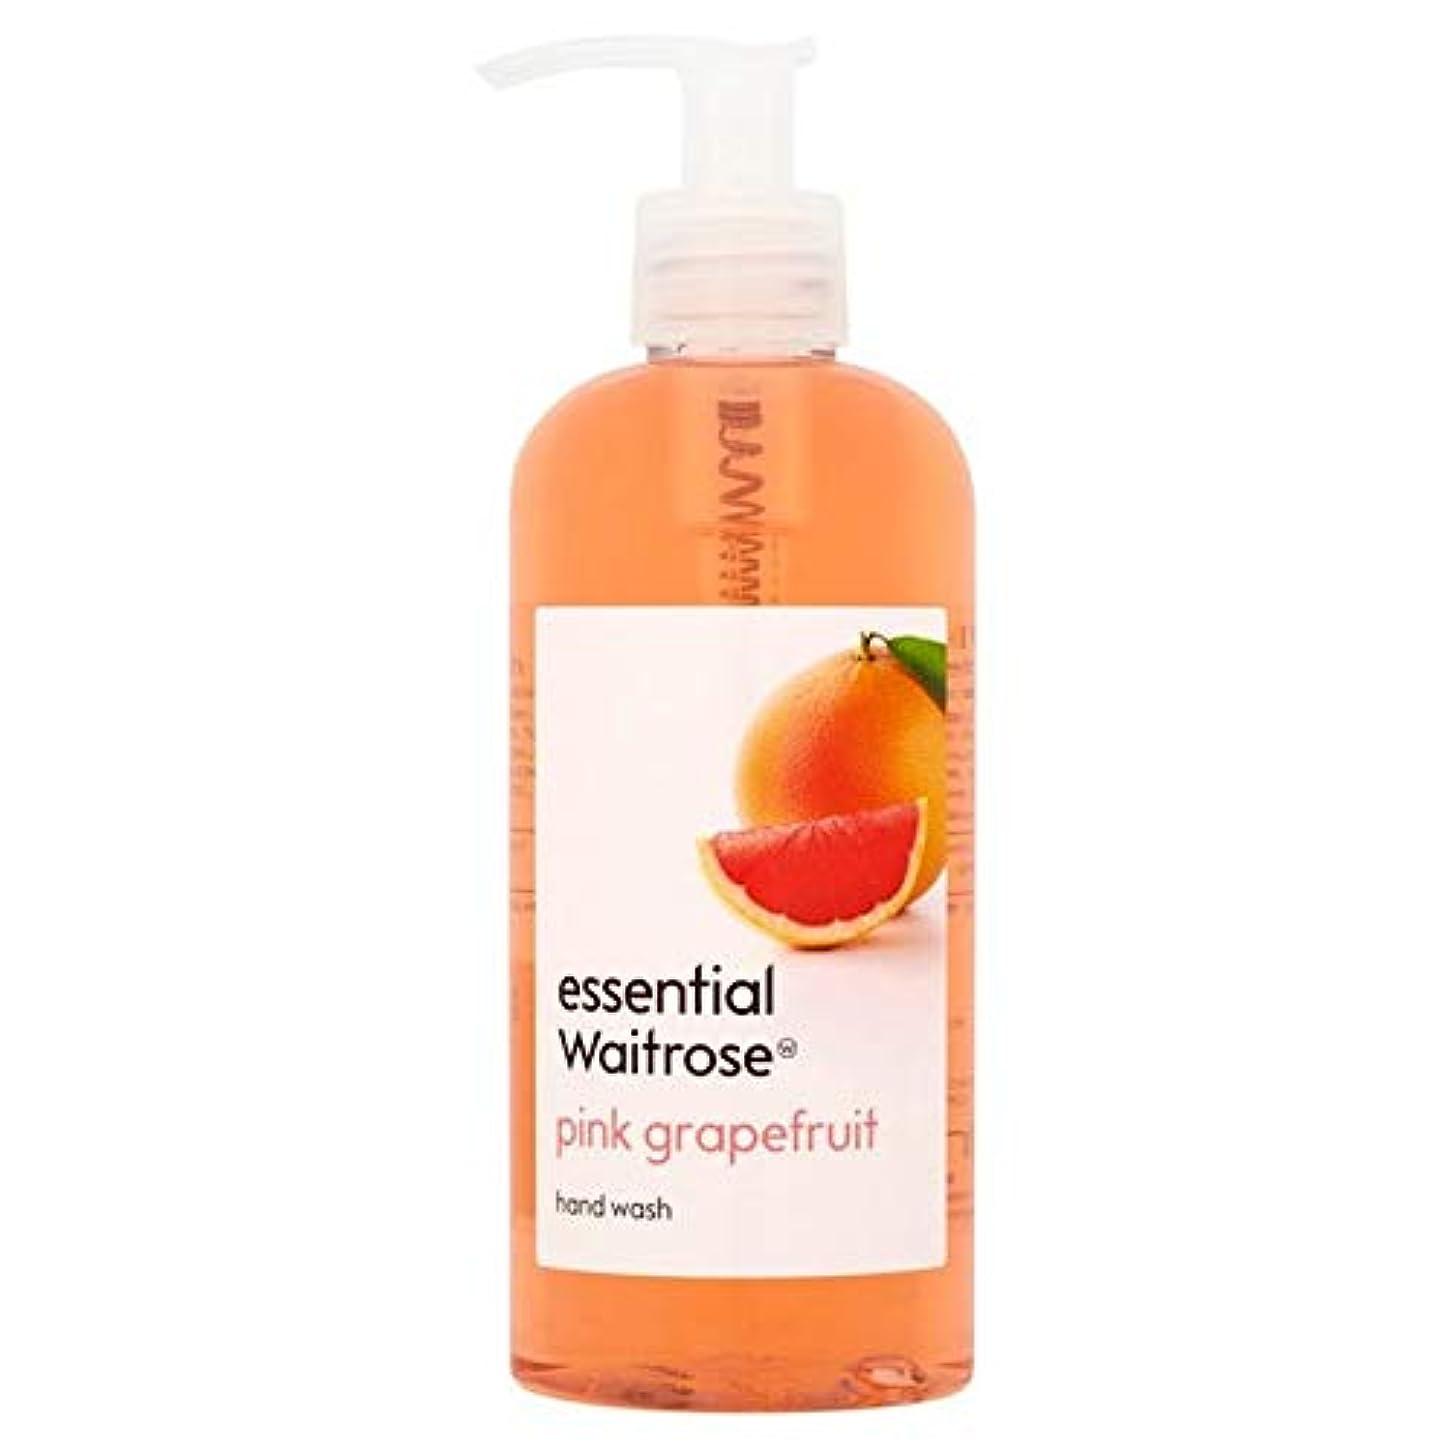 取り戻すジョリー労働者[Waitrose ] 基本的なウェイトローズのハンドウォッシュピンクグレープフルーツ300ミリリットル - Essential Waitrose Hand Wash Pink Grapefruit 300ml [並行輸入品]